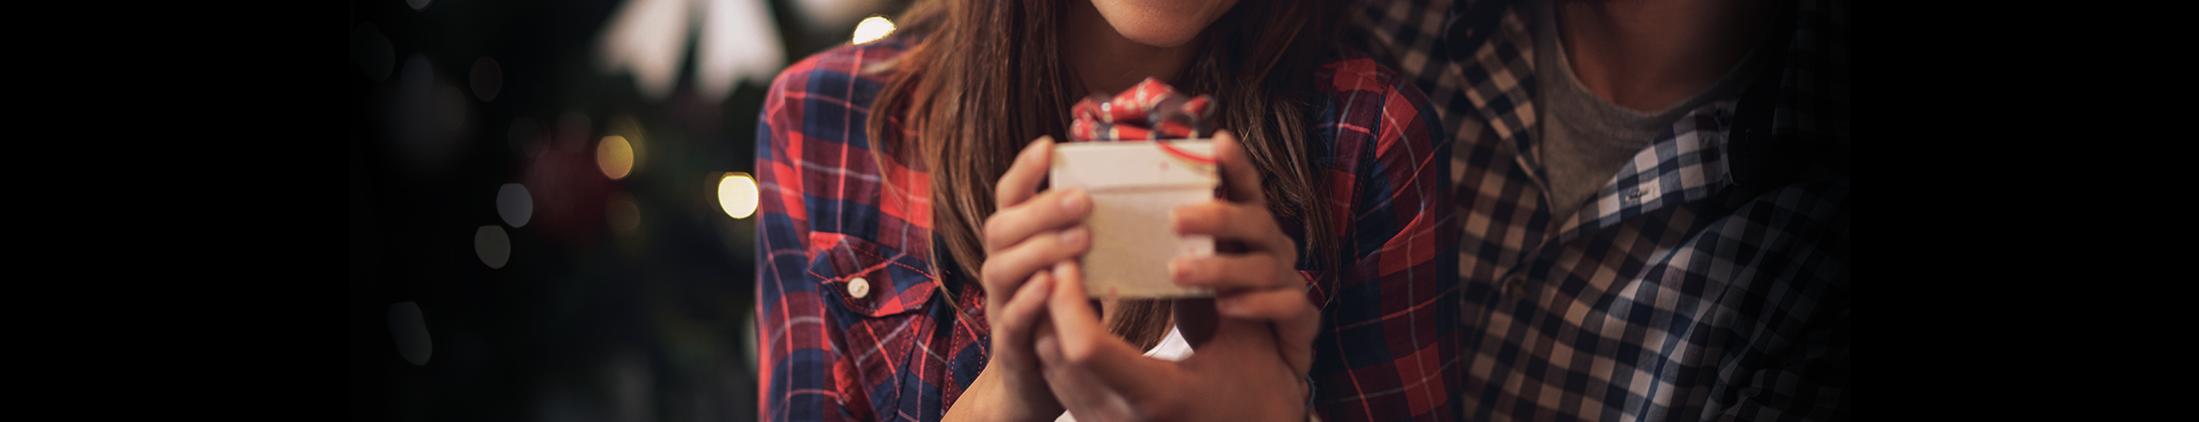 Cadeautips voor Kerstmis en nieuwjaar